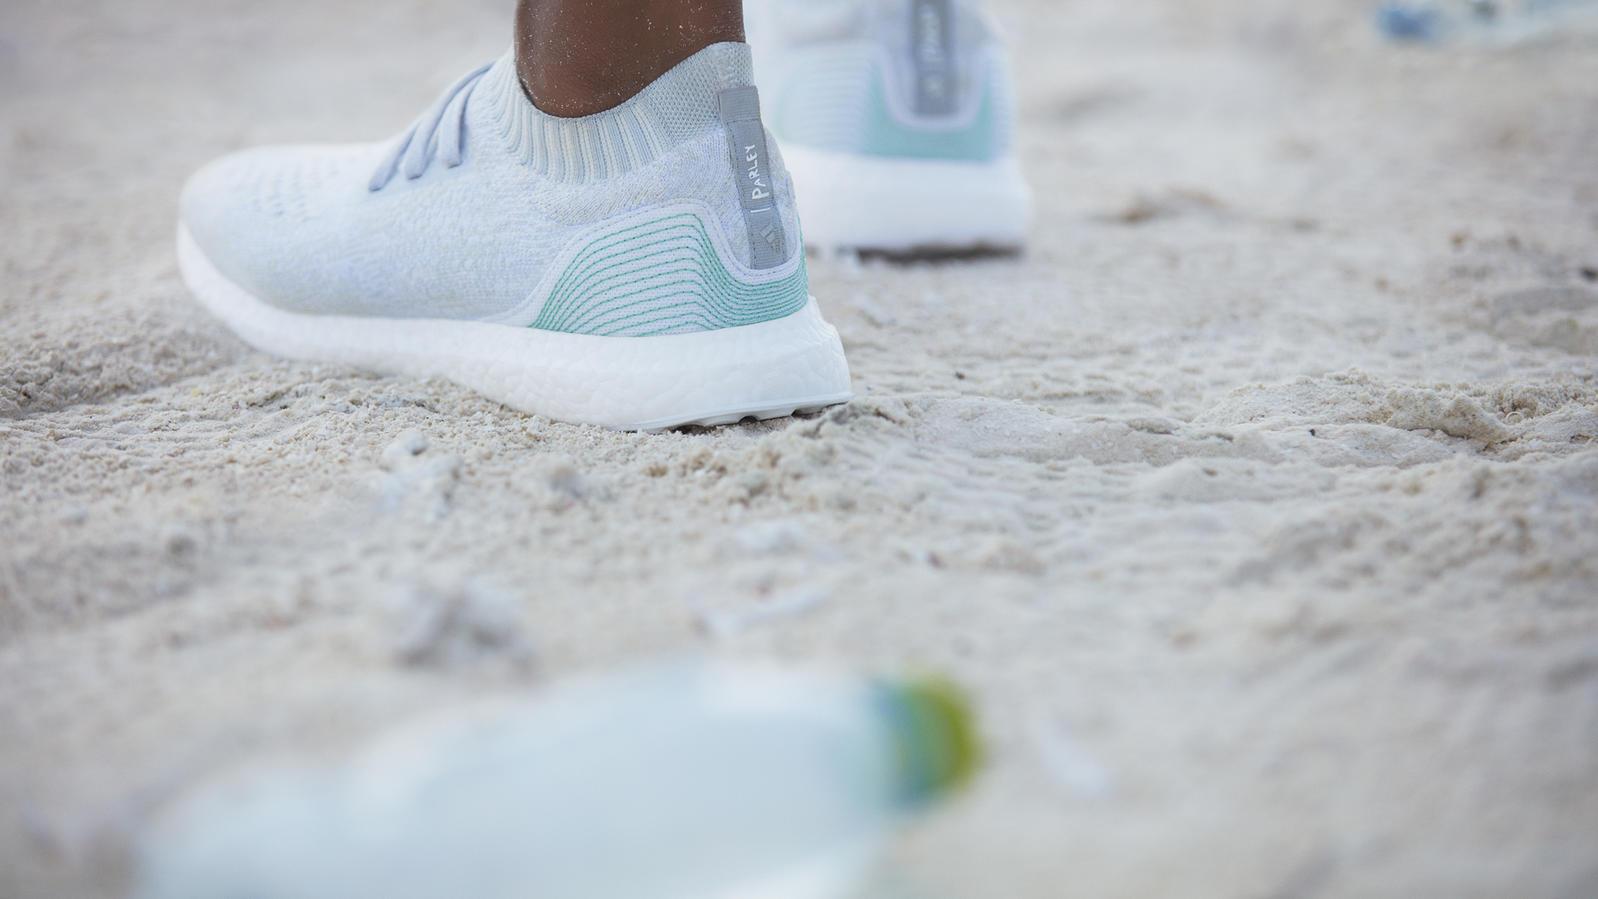 Für Aus Meereswarum Schuh Adidas Des Einen Grund Dem Auf Marketing IbfyvmY7g6